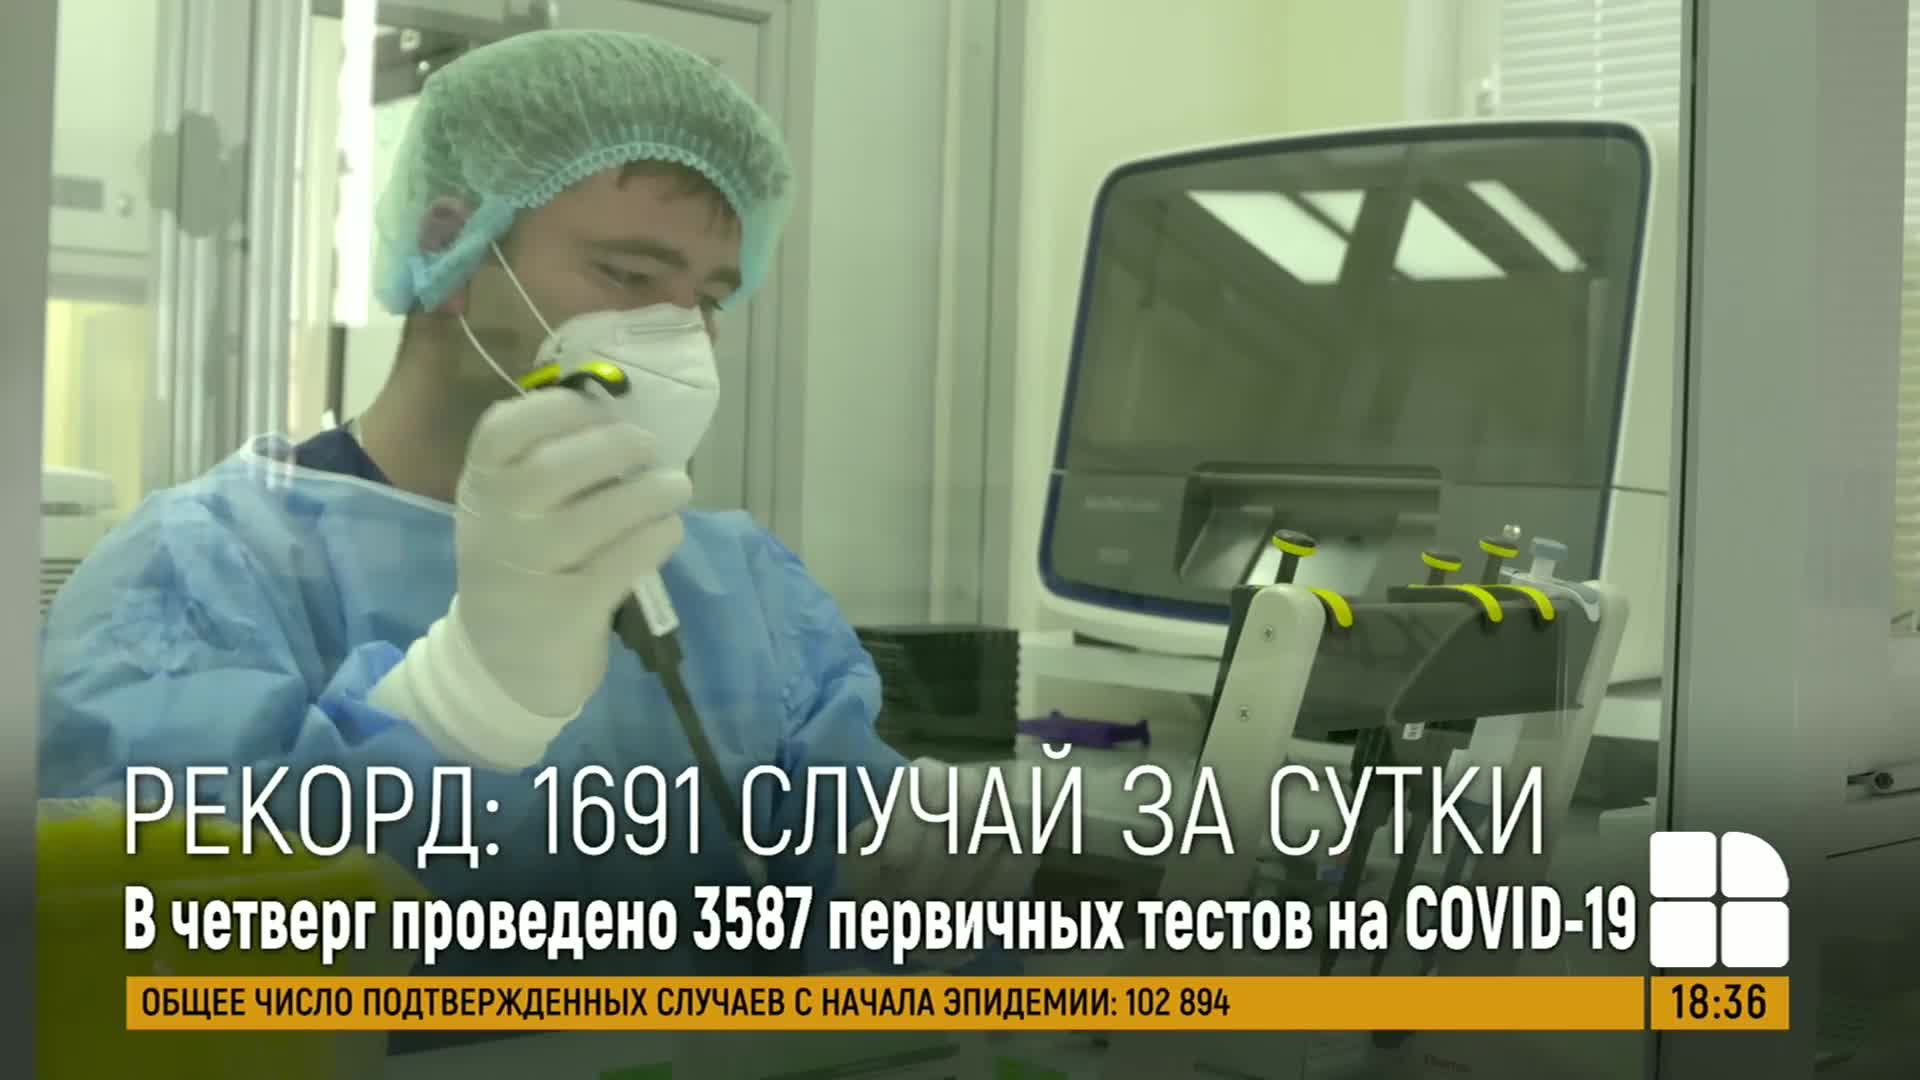 Абсолютный рекорд по заболевшим коронавирусом: +1691 случаев